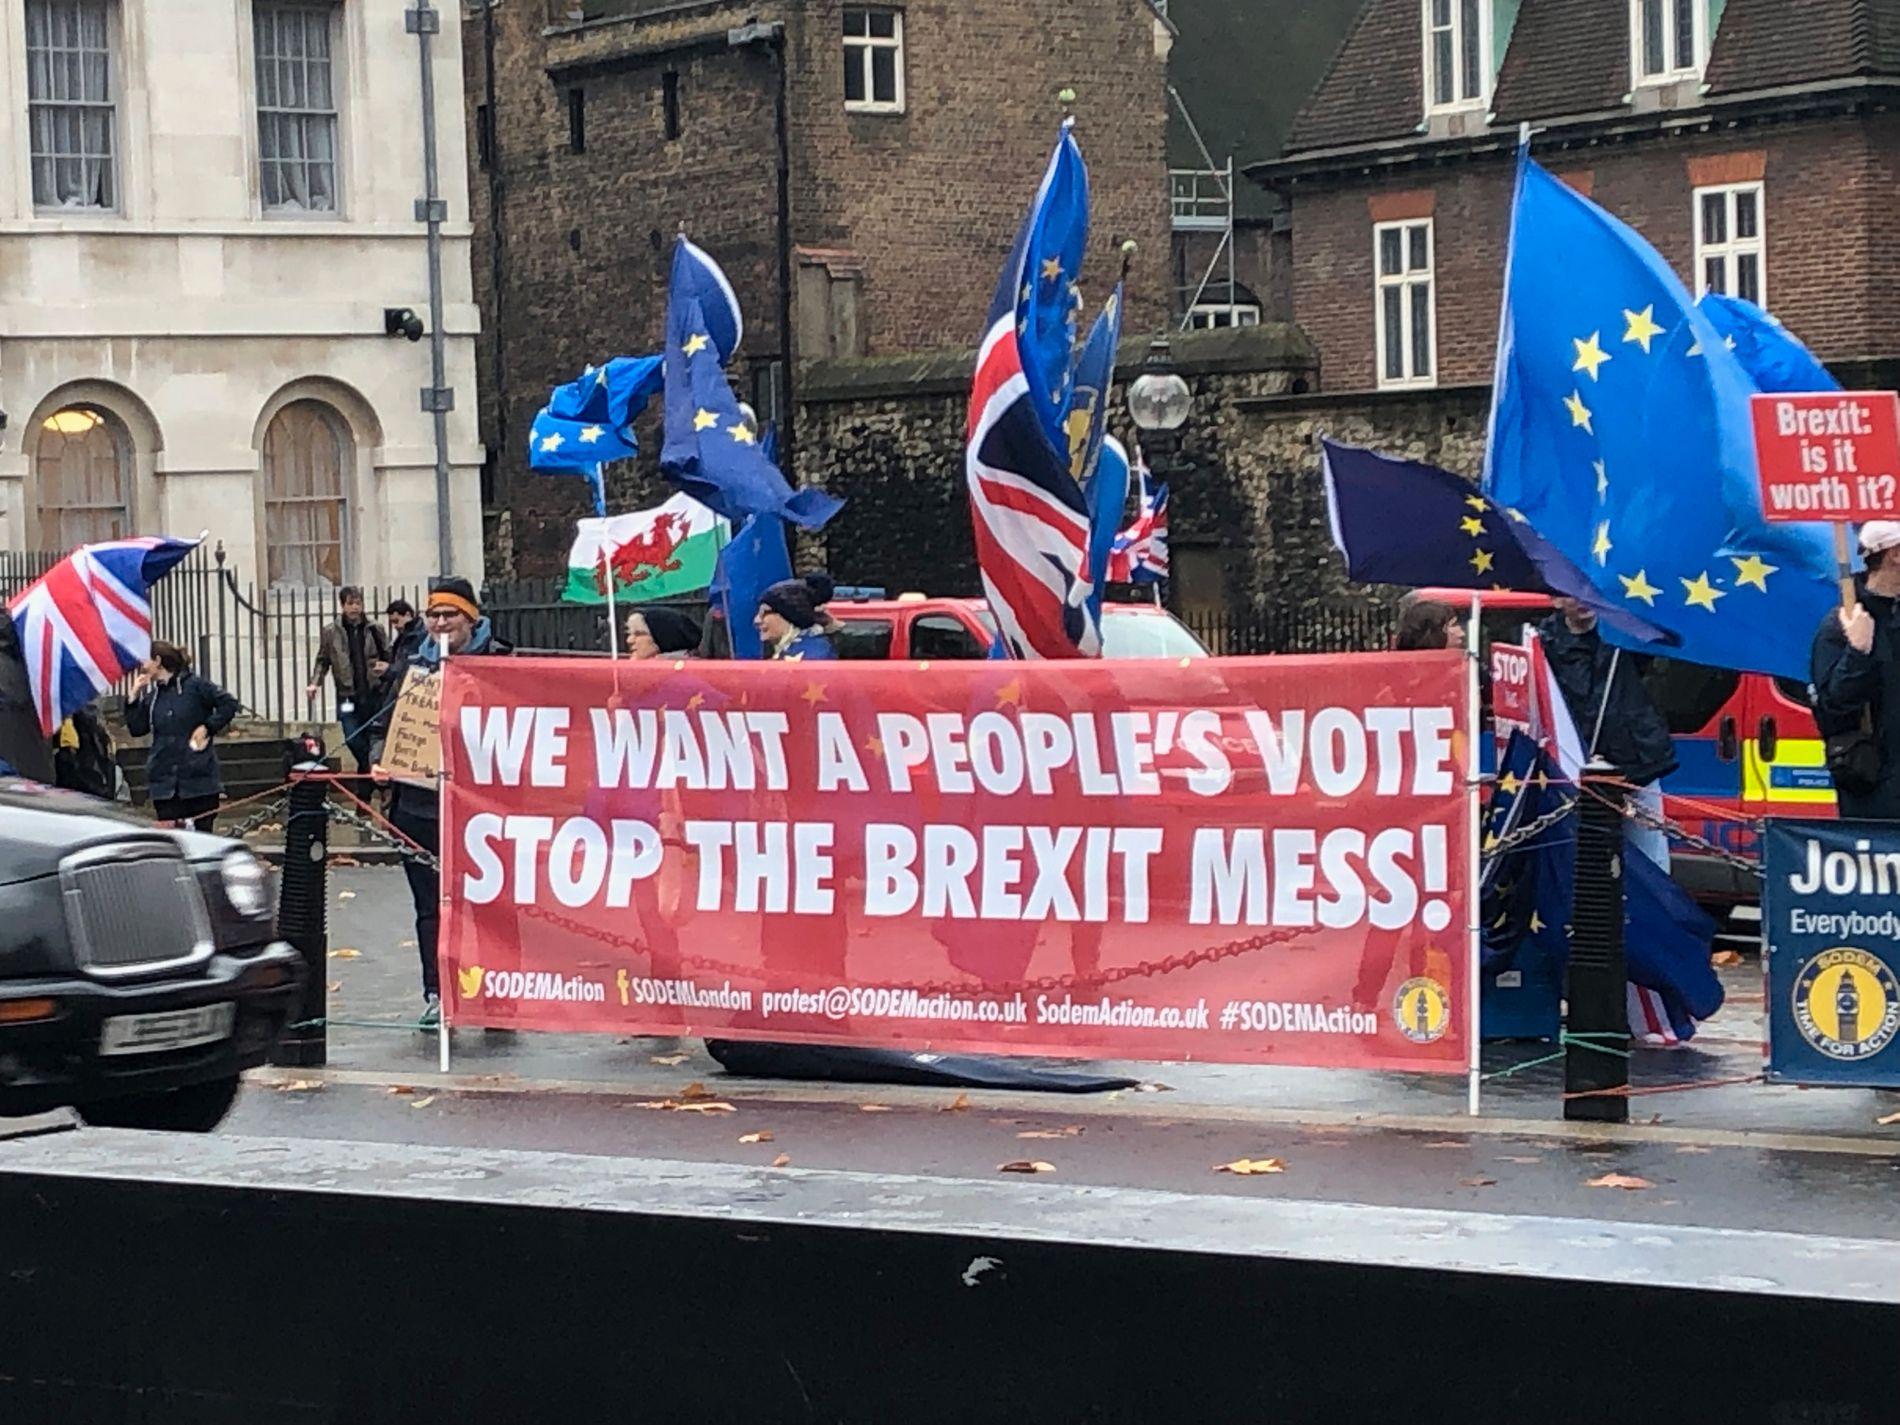 DEMONSTRERER: Hver dag siden brexit-avstemningen i 2016 har disse aktivistene stått utenfor parlamentet i Westminster og krevd en ny folkeavstemning.